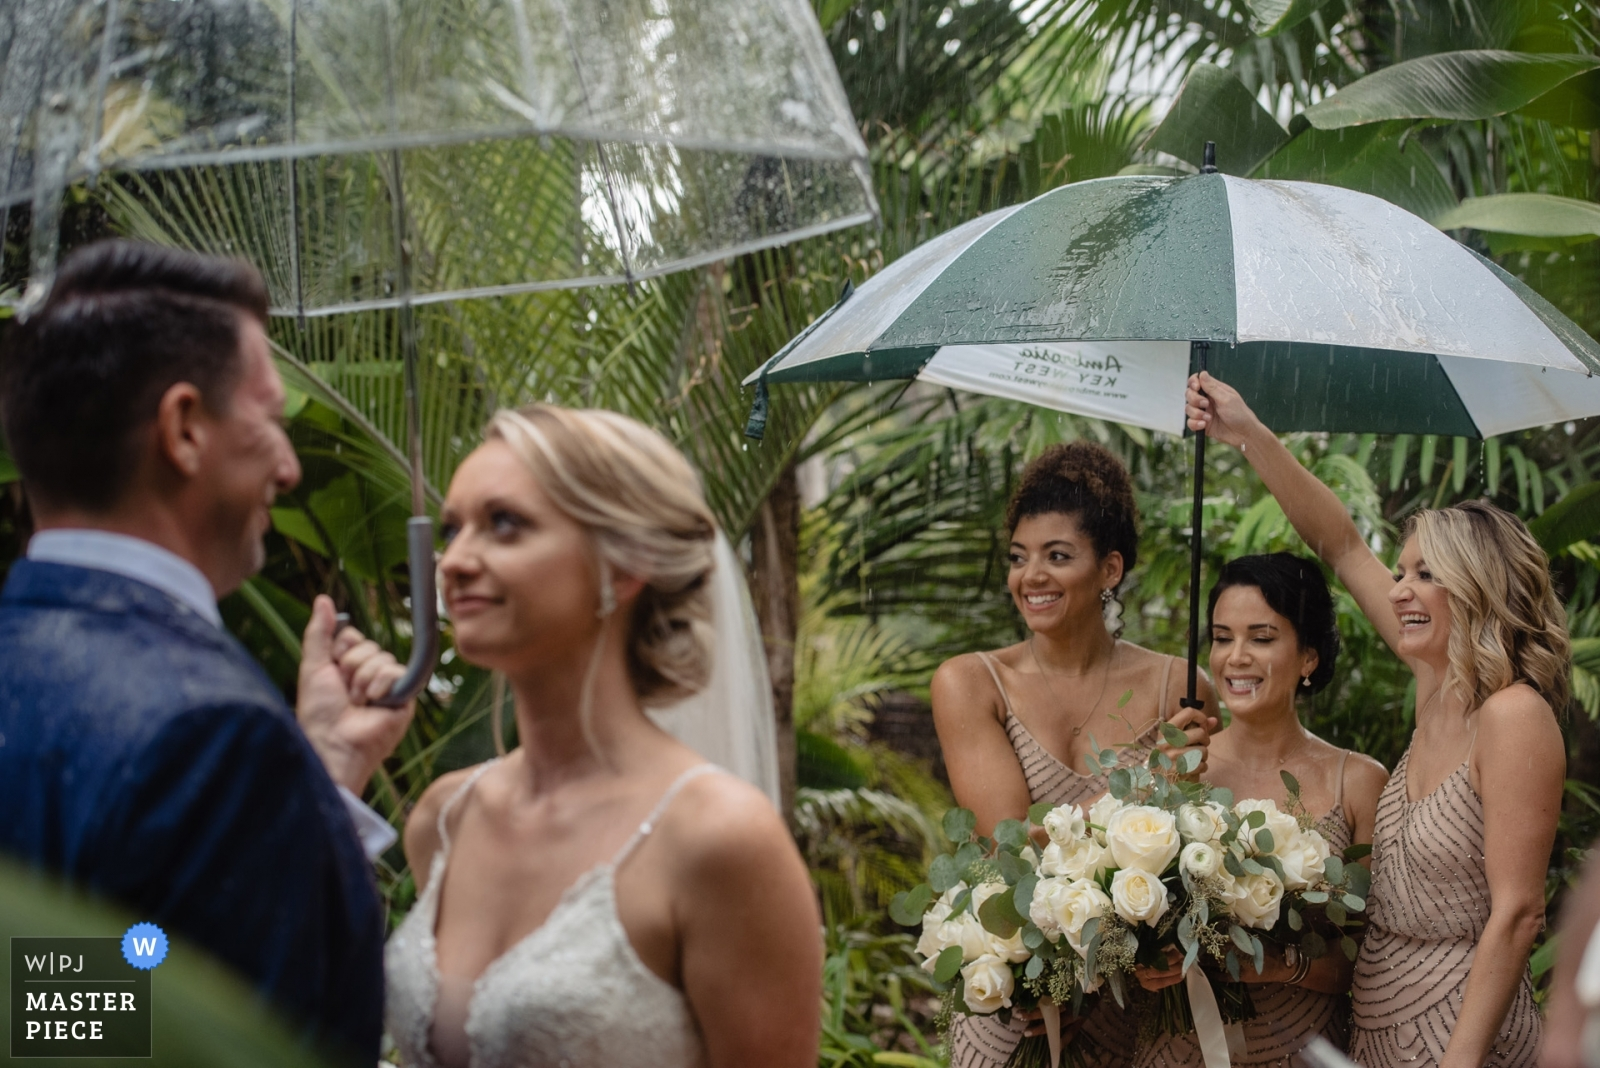 Rainy Ceremony - Key West, Florida Wedding Photography -  | Hemingway House Key West